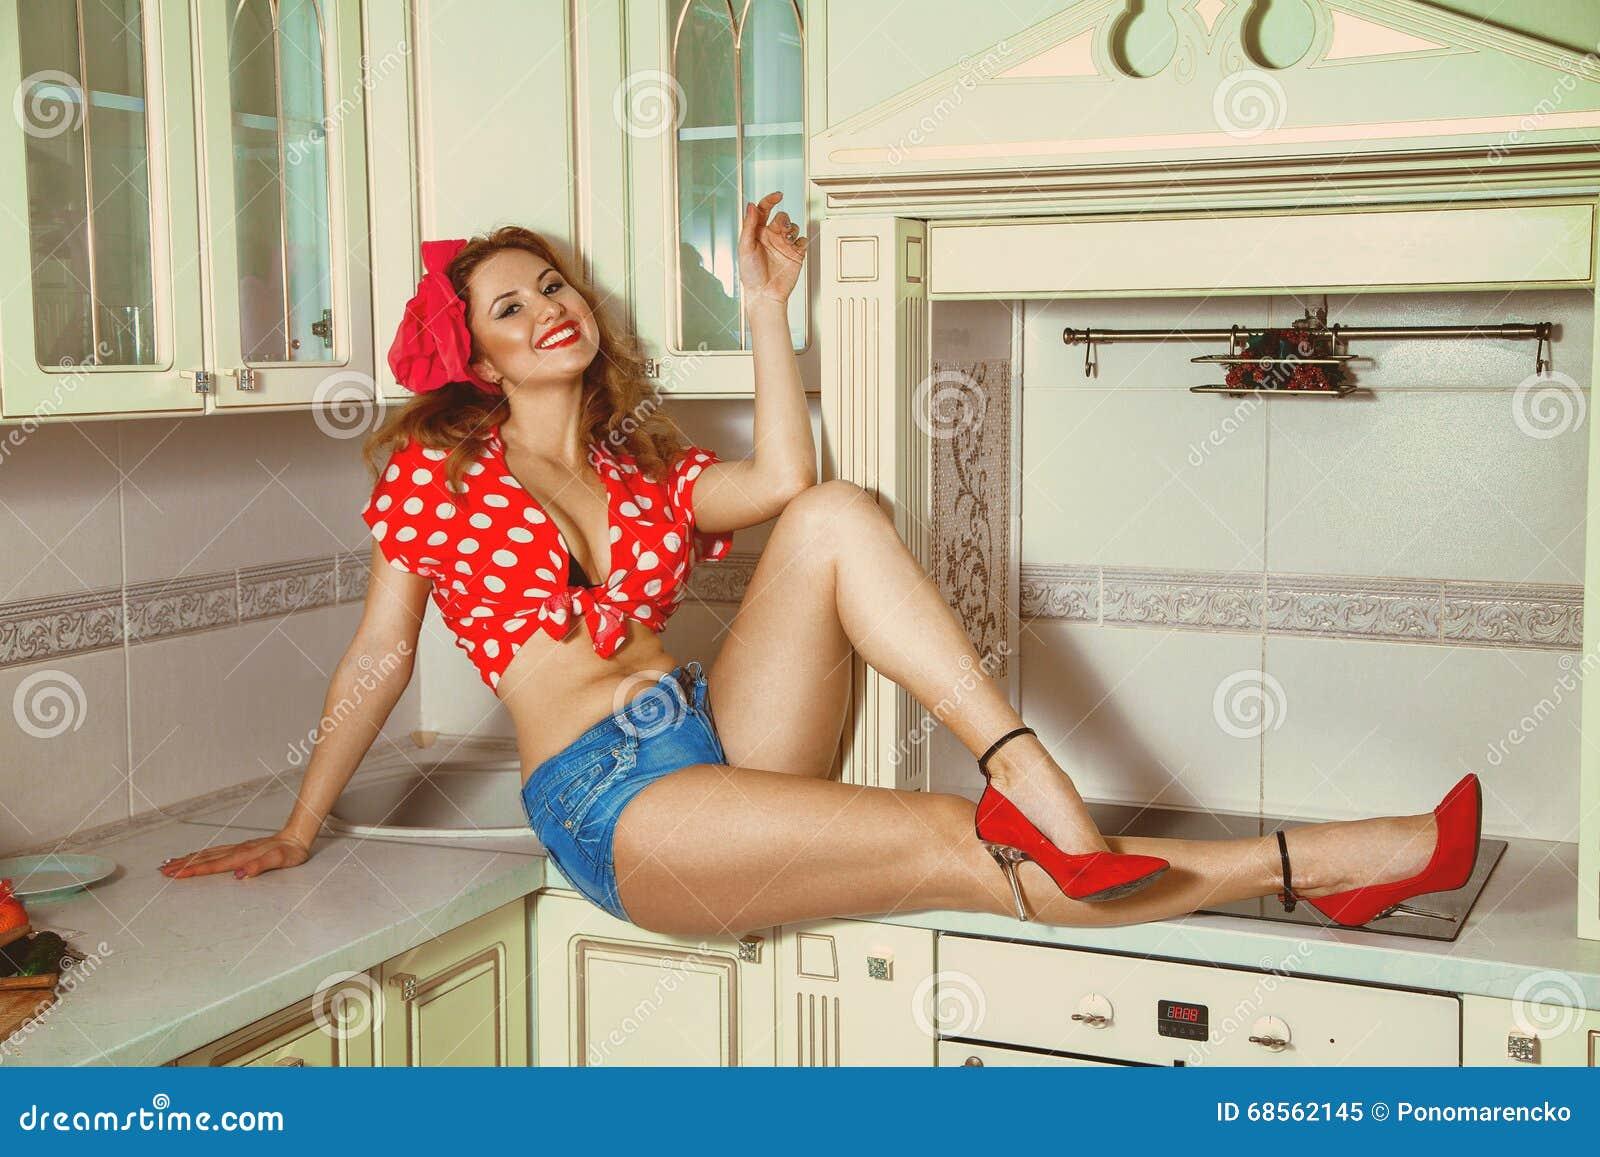 Сексуальная домохозяйка на кухне